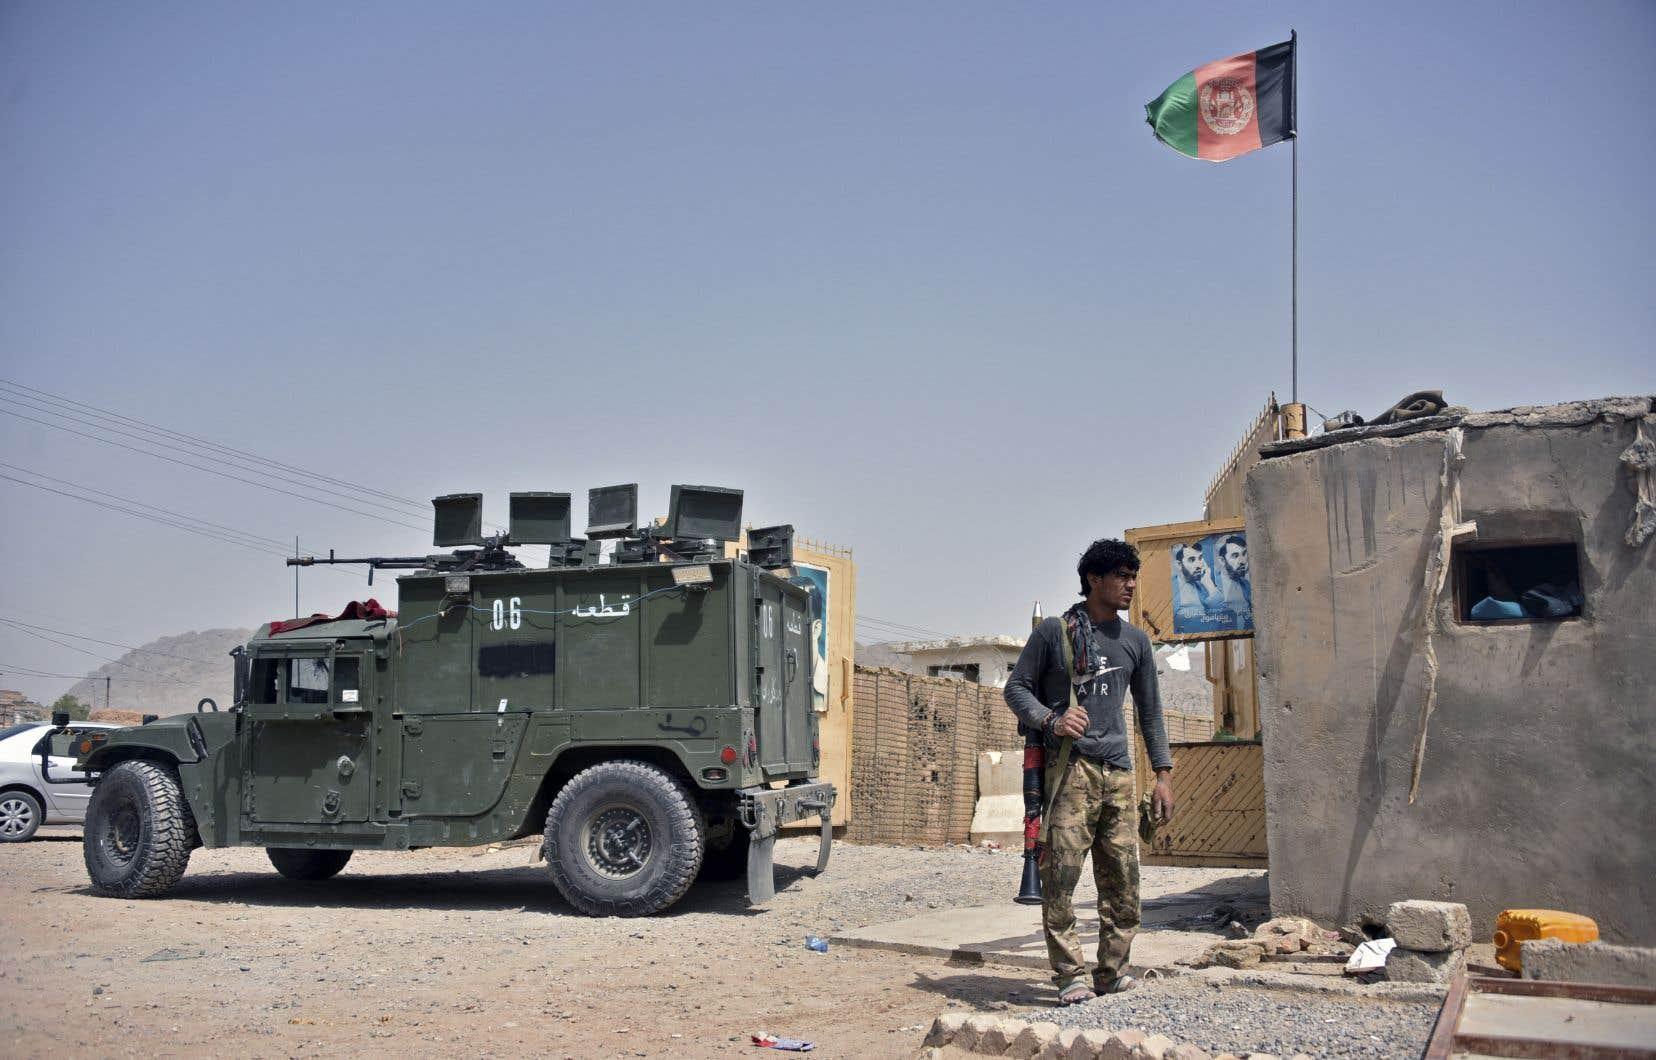 Au moins la moitié des quelque 39 millions d'Afghans ont actuellement besoin d'assistance, a estimé le représentant spécial adjoint des Nations unies en Afghanistan, Ramiz Alakbarov.